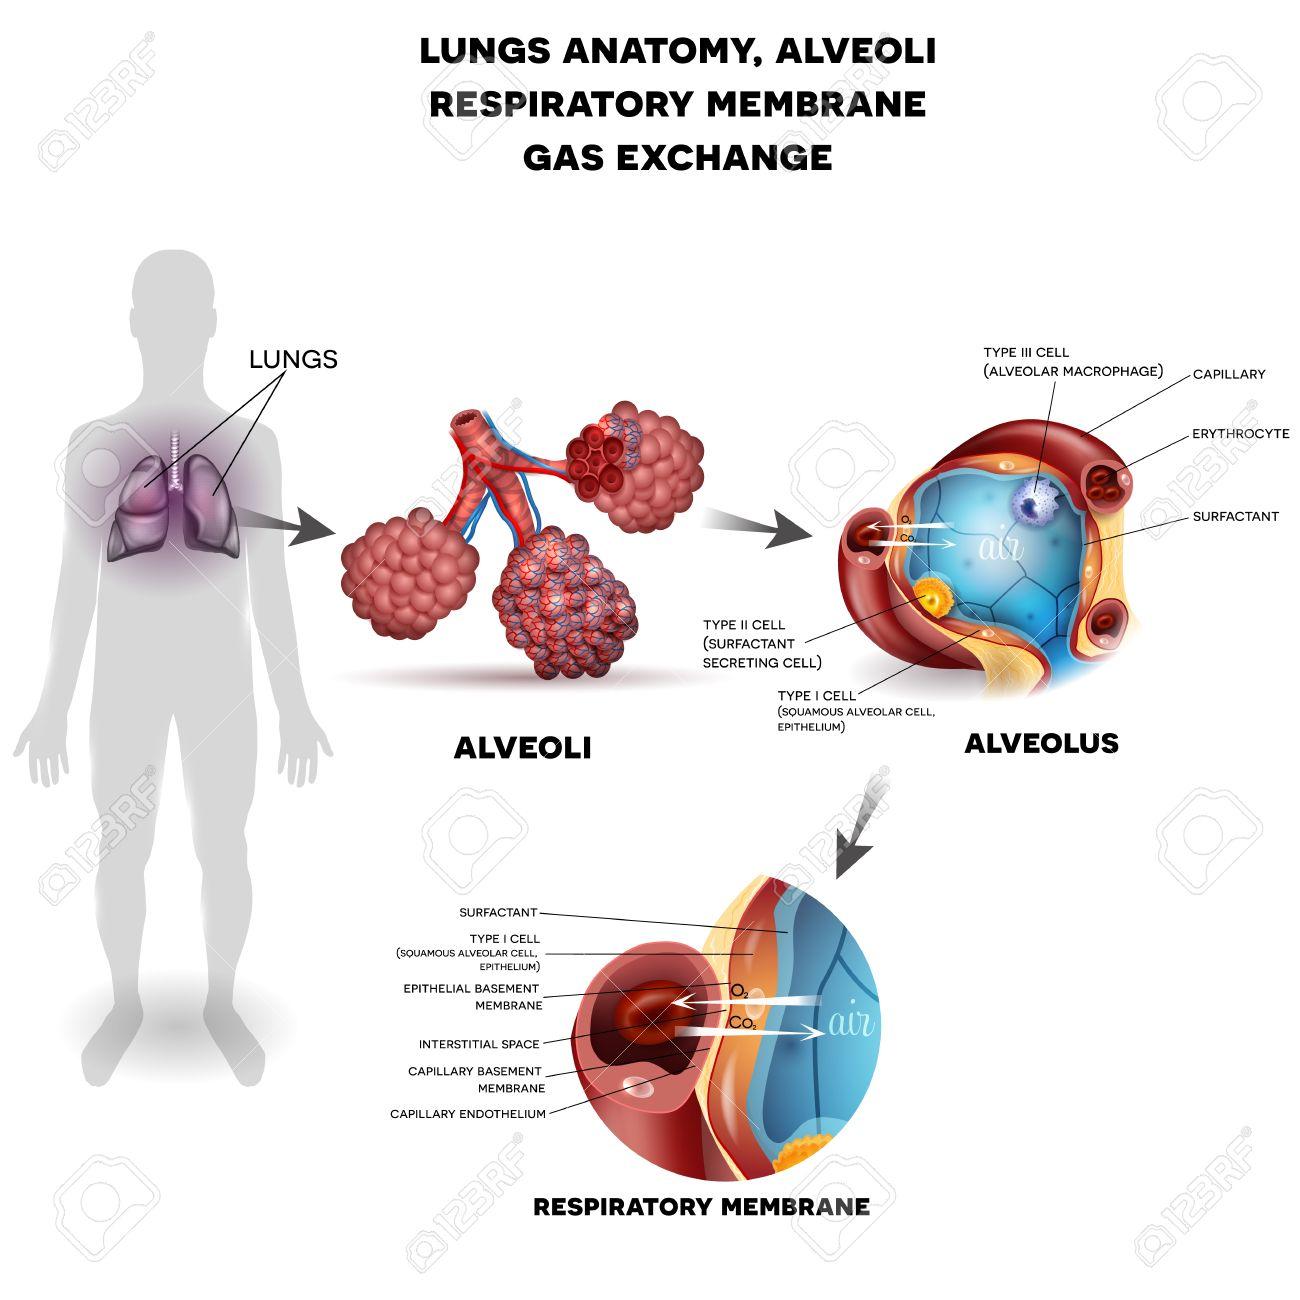 Sistema Respiratorio, Pulmones Y Alvéolos. Membrana Respiratoria Del ...